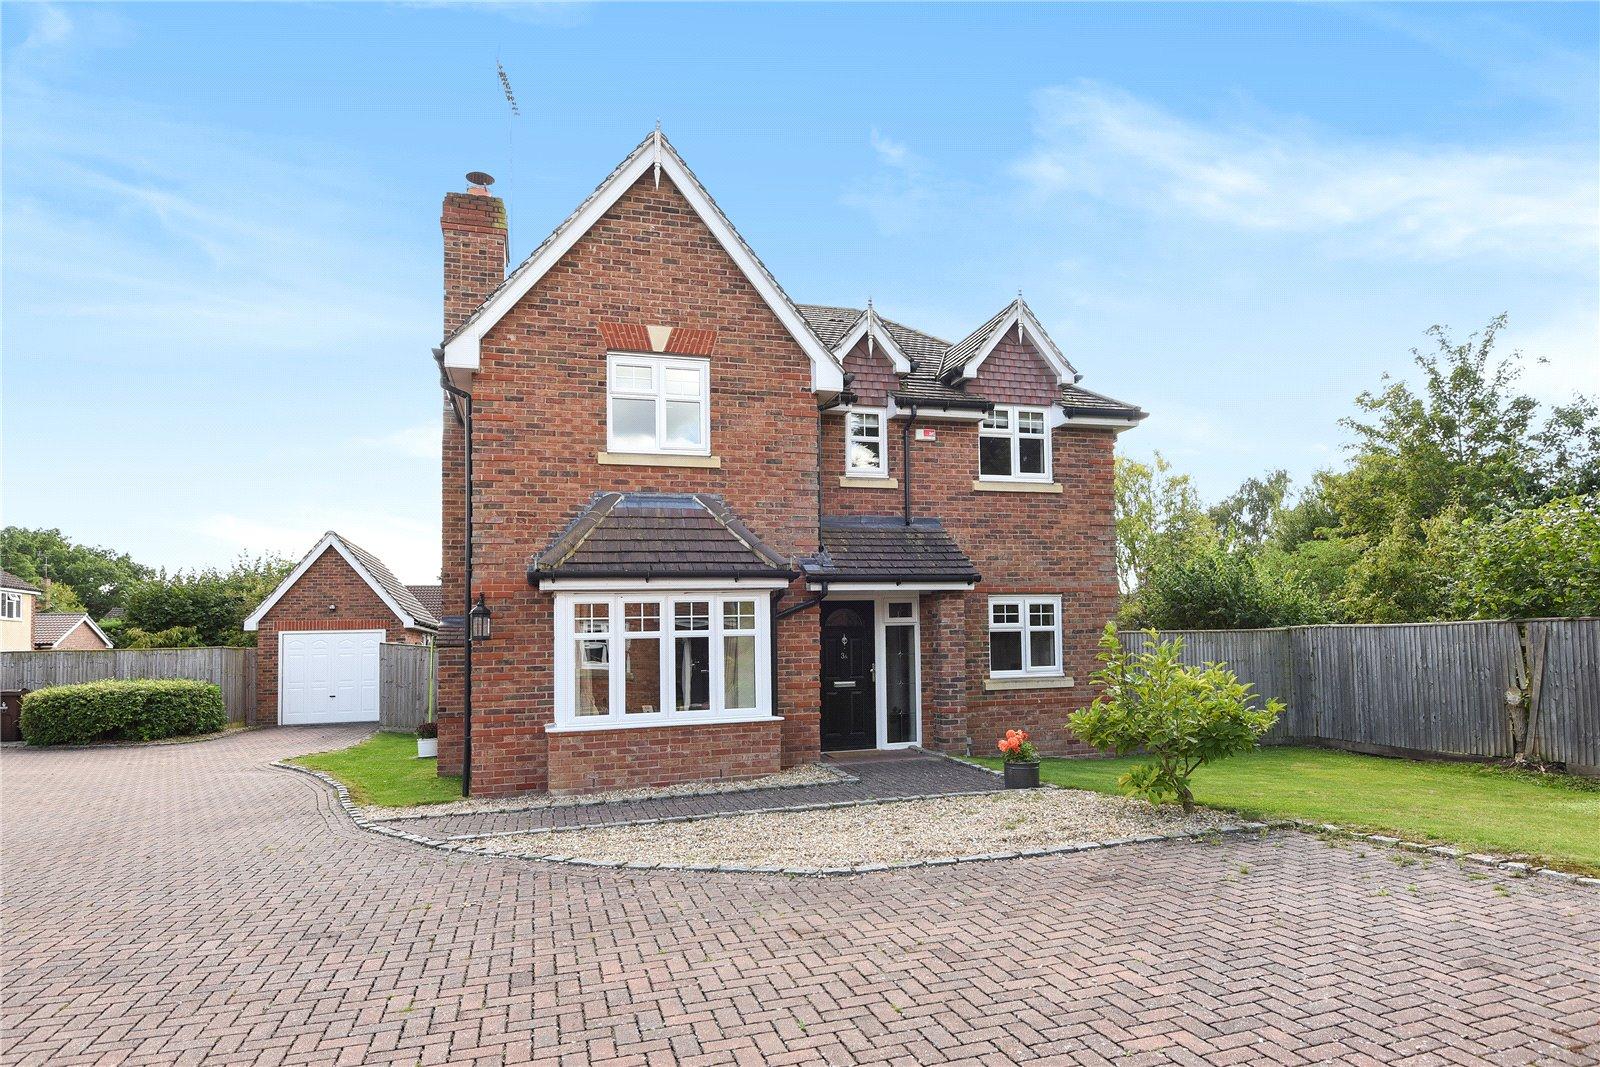 4 Bedrooms Detached House for sale in St Marys Road, Sindlesham, Wokingham, Berkshire, RG41